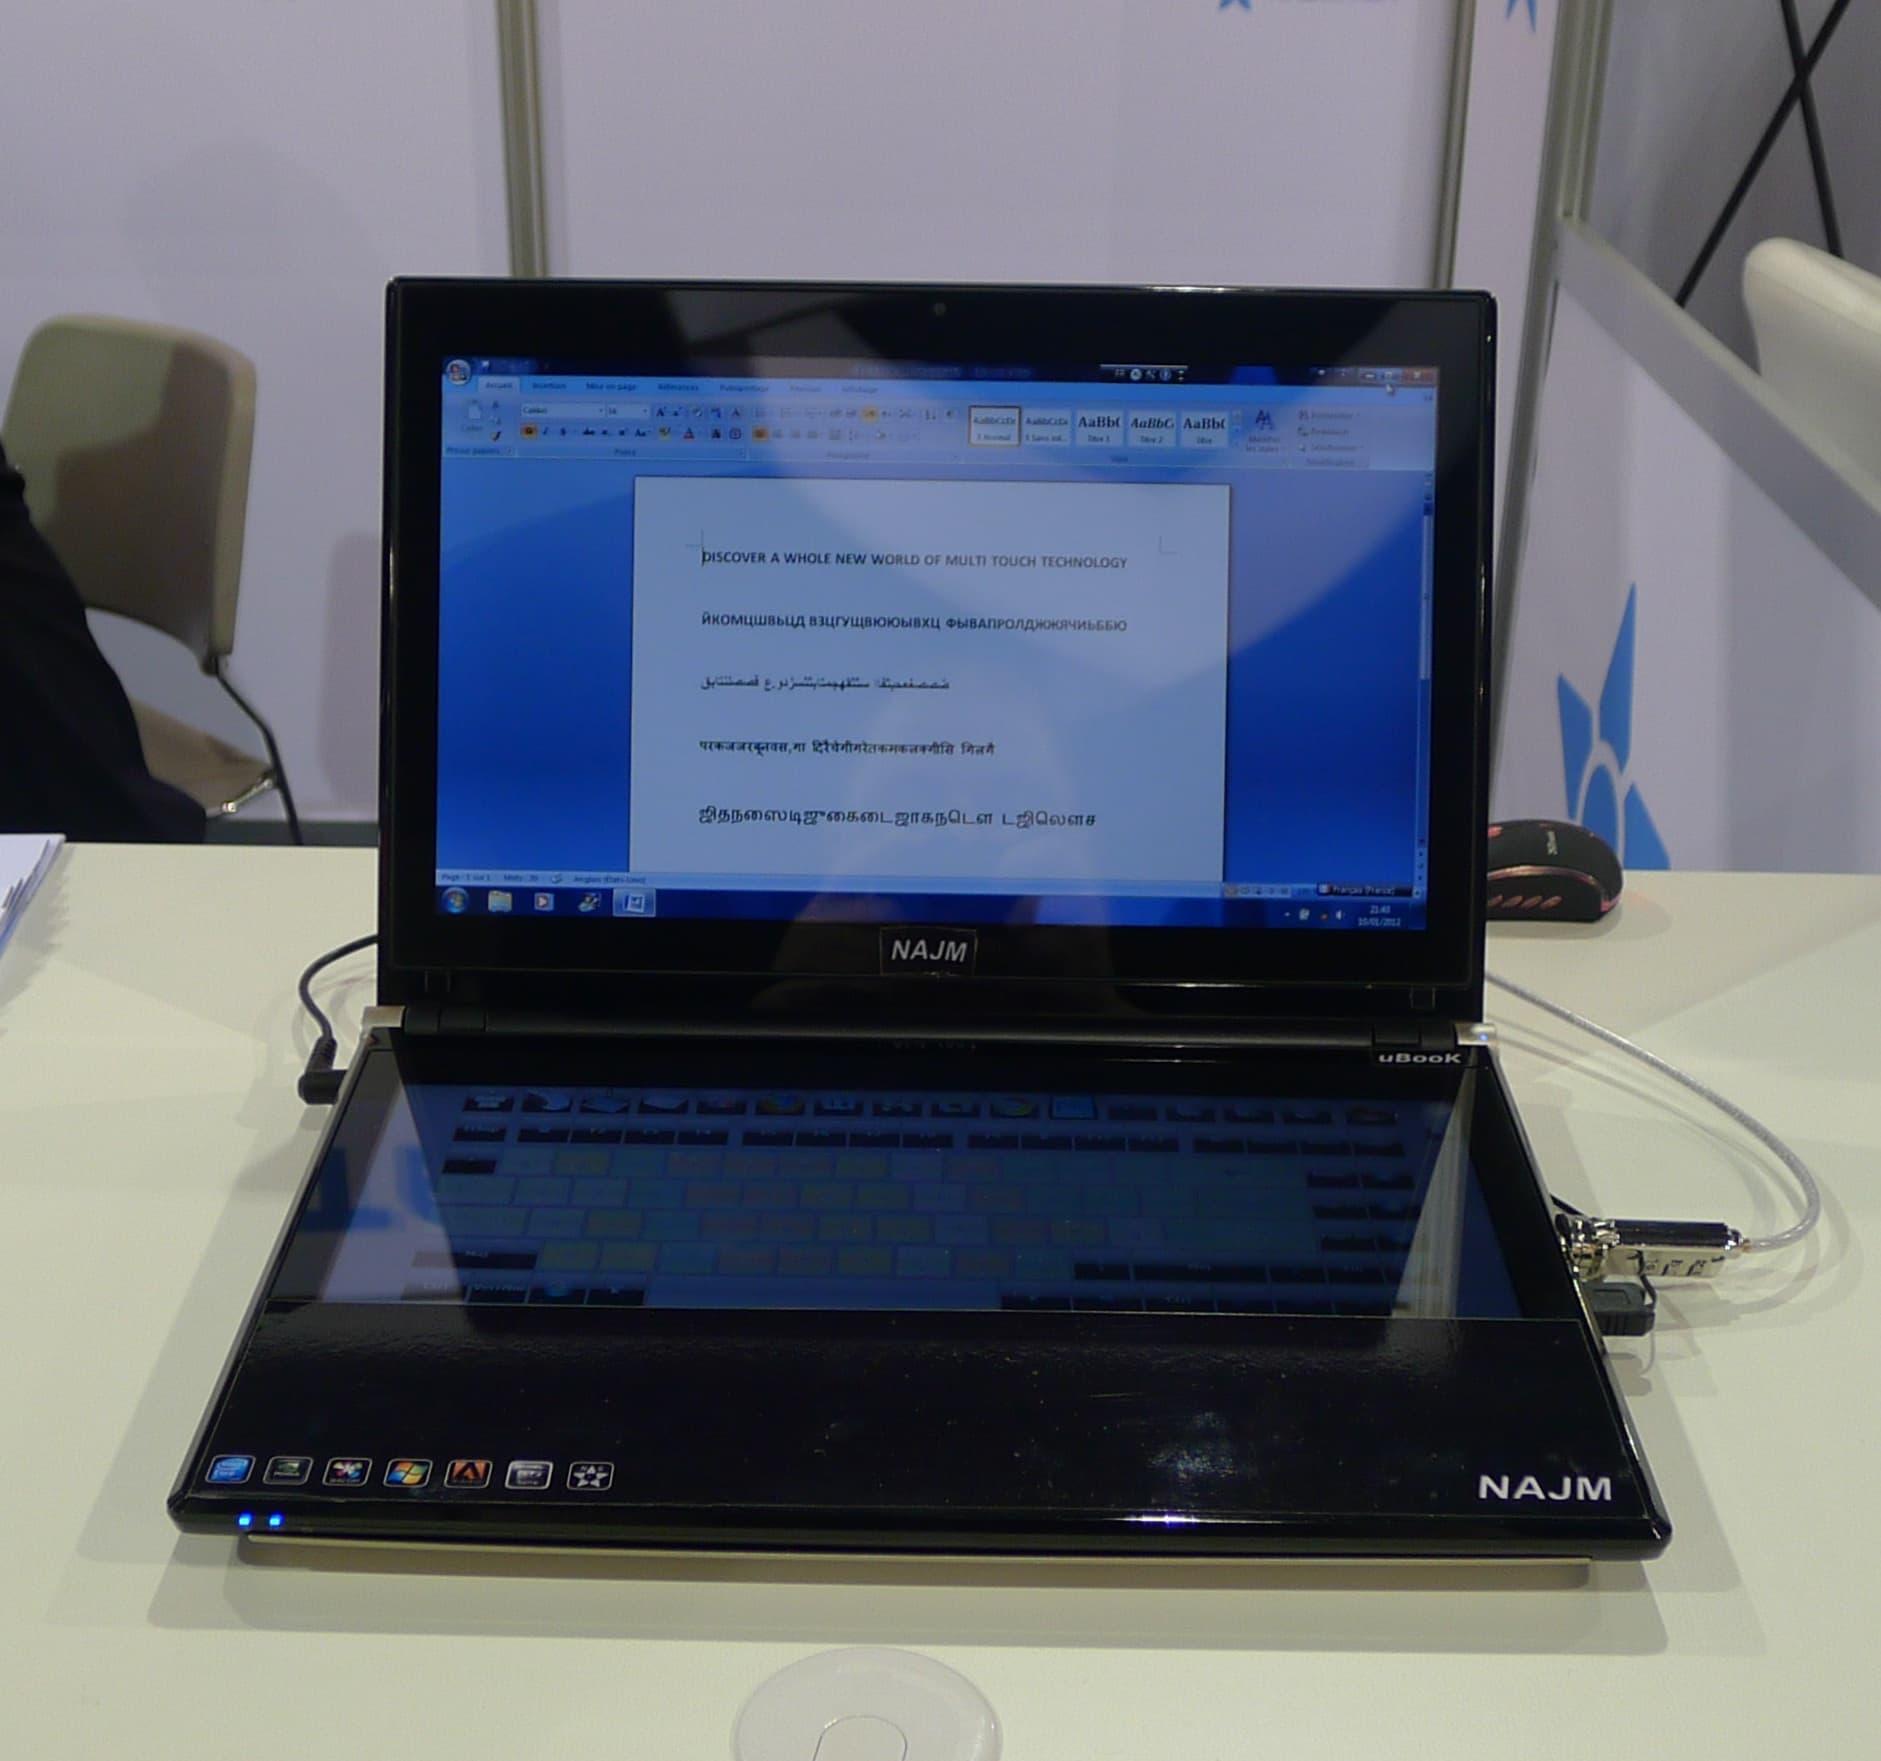 NajmTek Ubook Dual Screen Laptop Coming this Fall | The